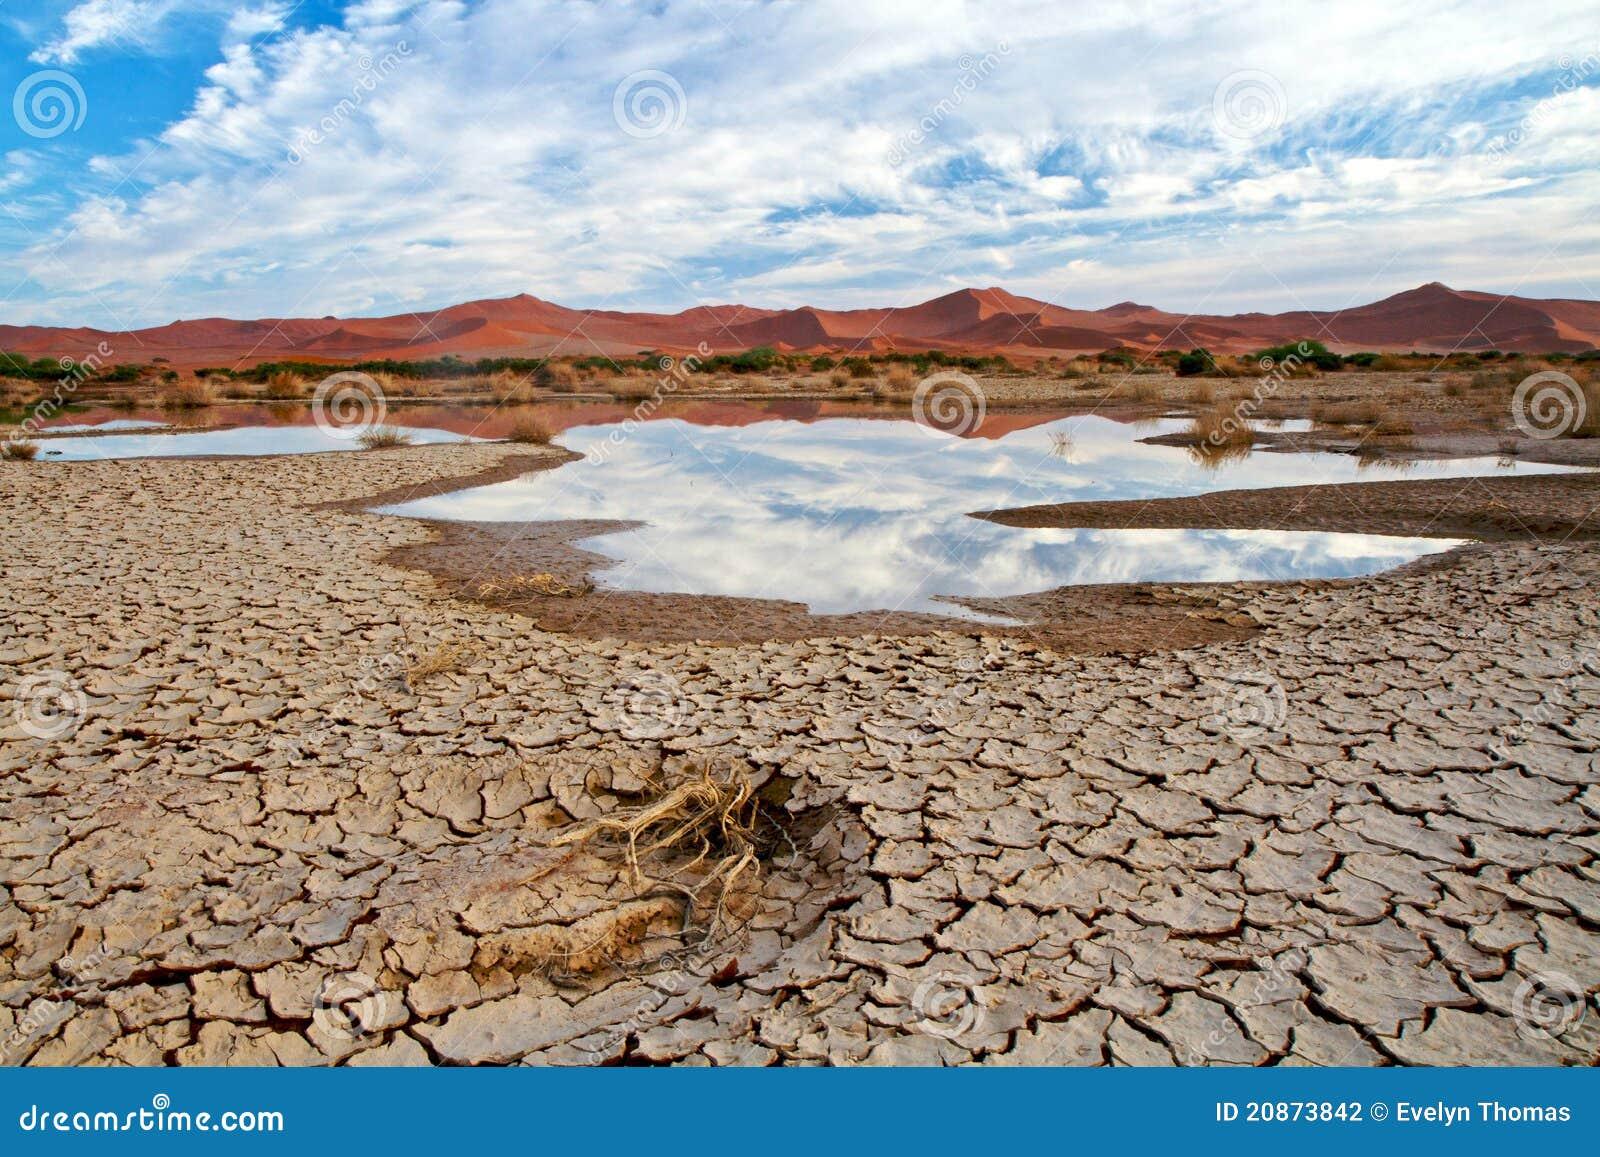 Cena do deserto com água